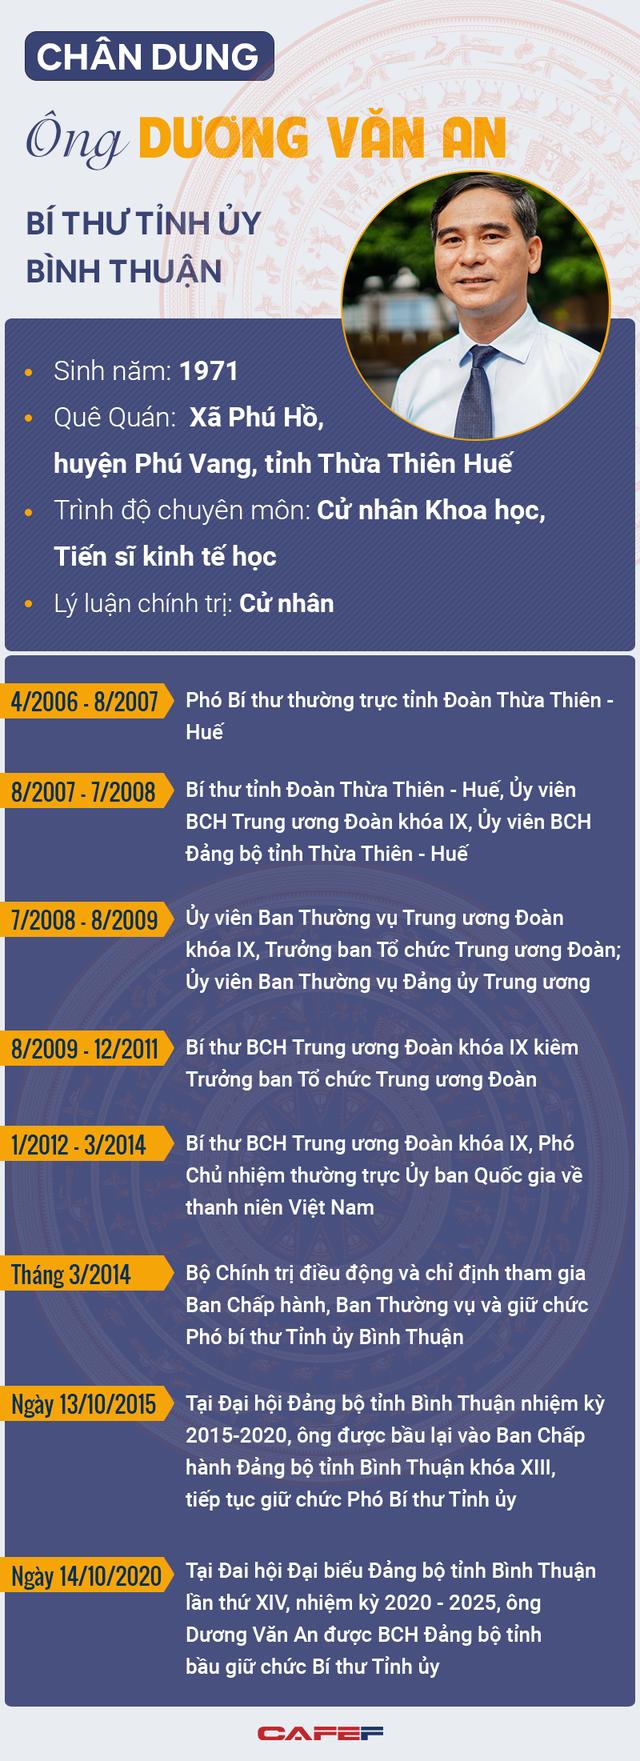 [Infographic]: Chân dung Tiến sĩ kinh tế đắc cử Bí thư Tỉnh ủy Bình Thuận - Ảnh 1.